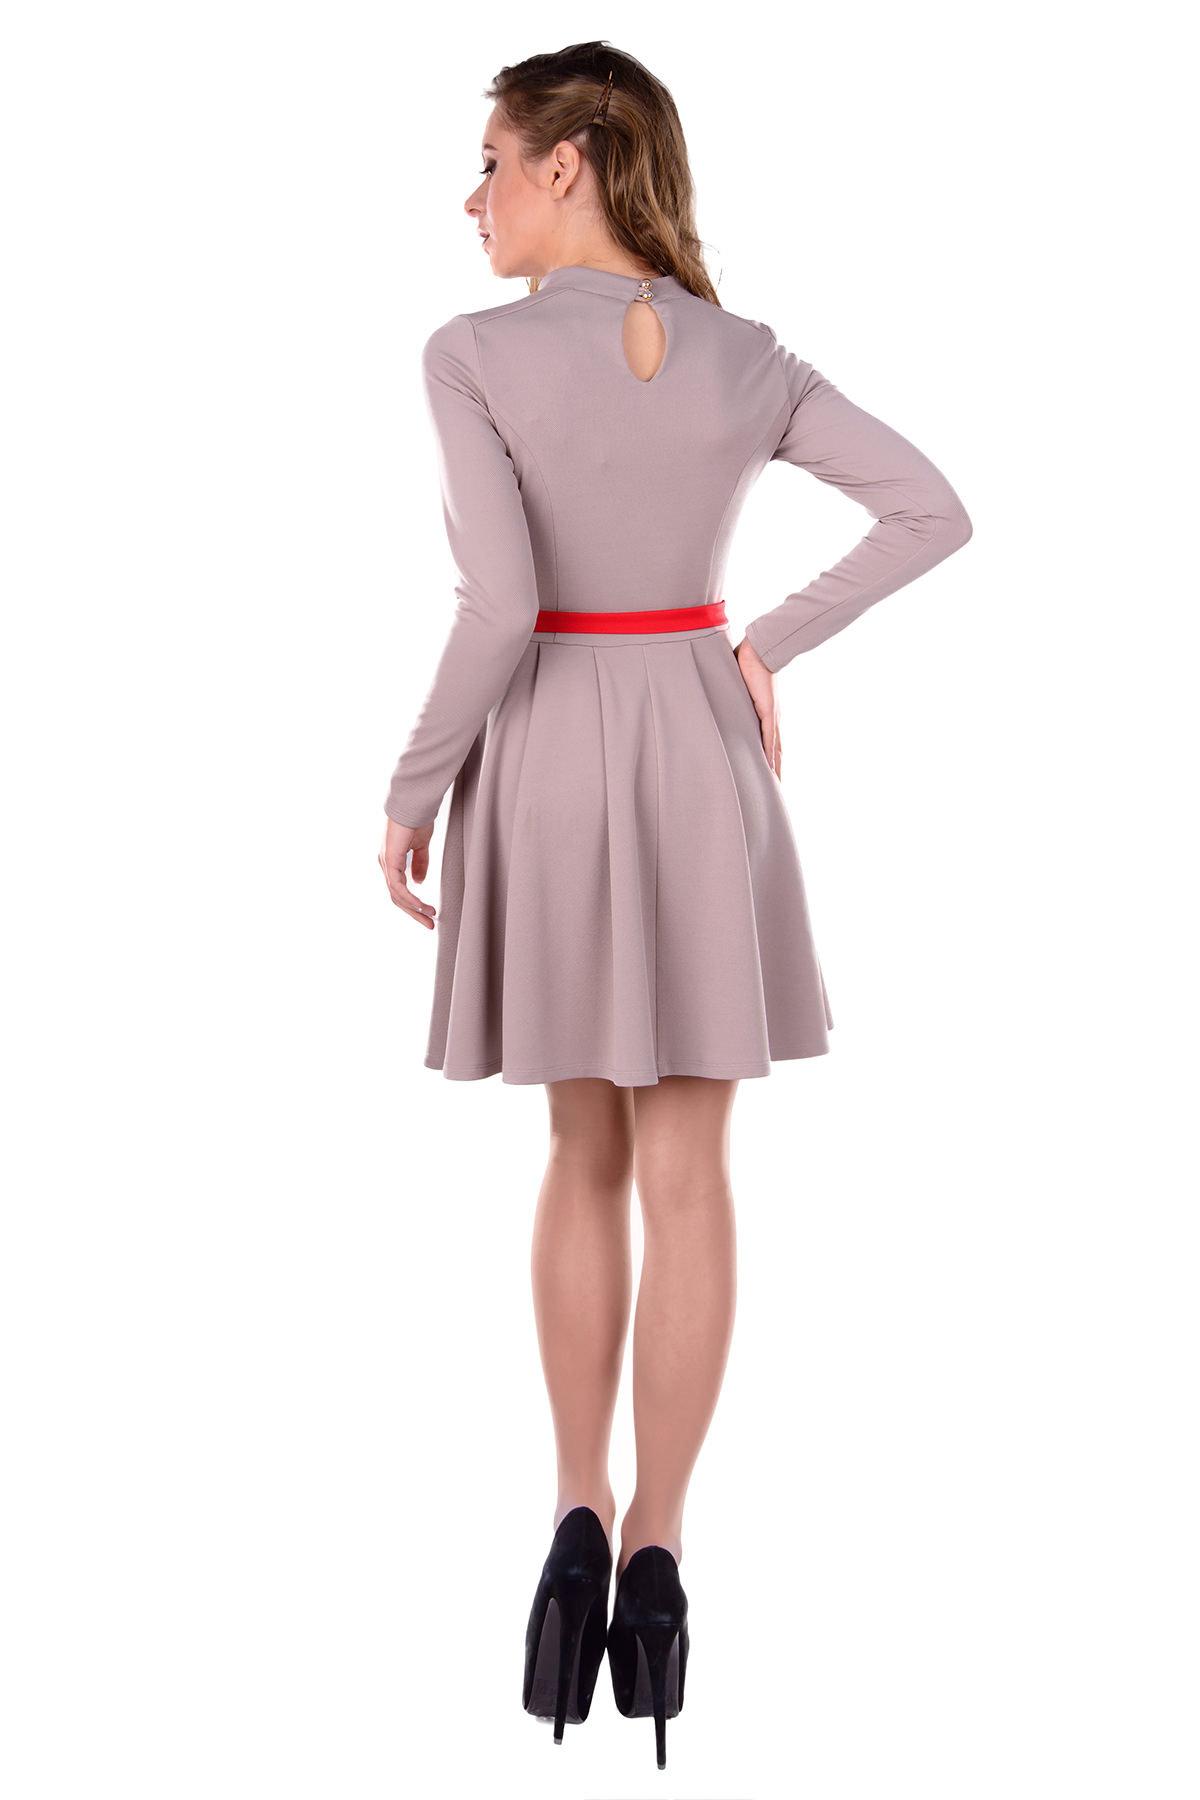 Платье Иванка 2995 Цвет: Тёмно - бежевый